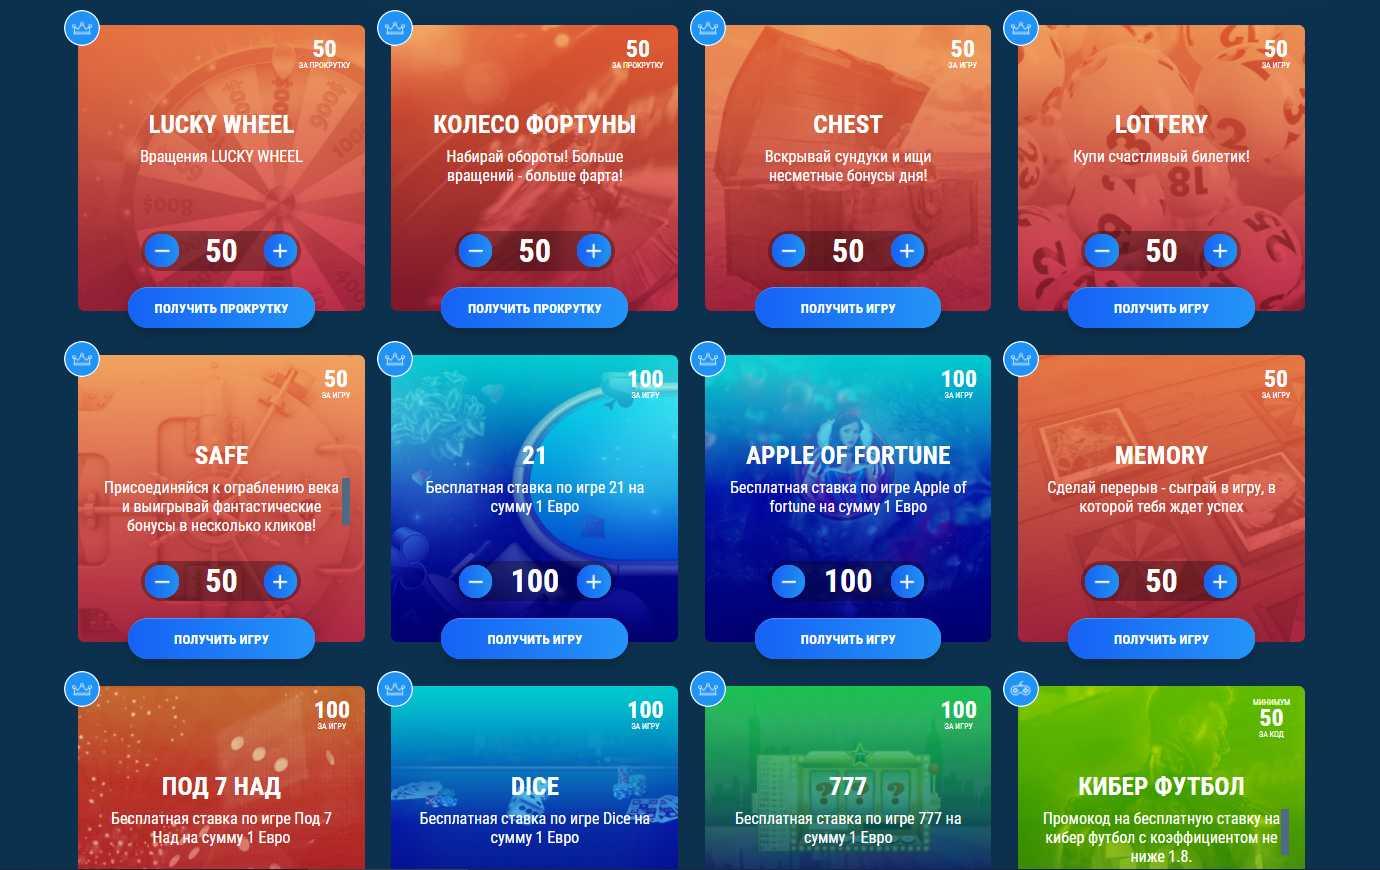 Промокоды в 1xBet 2020: практические советы, как использовать бонус с максимальной эффективностью